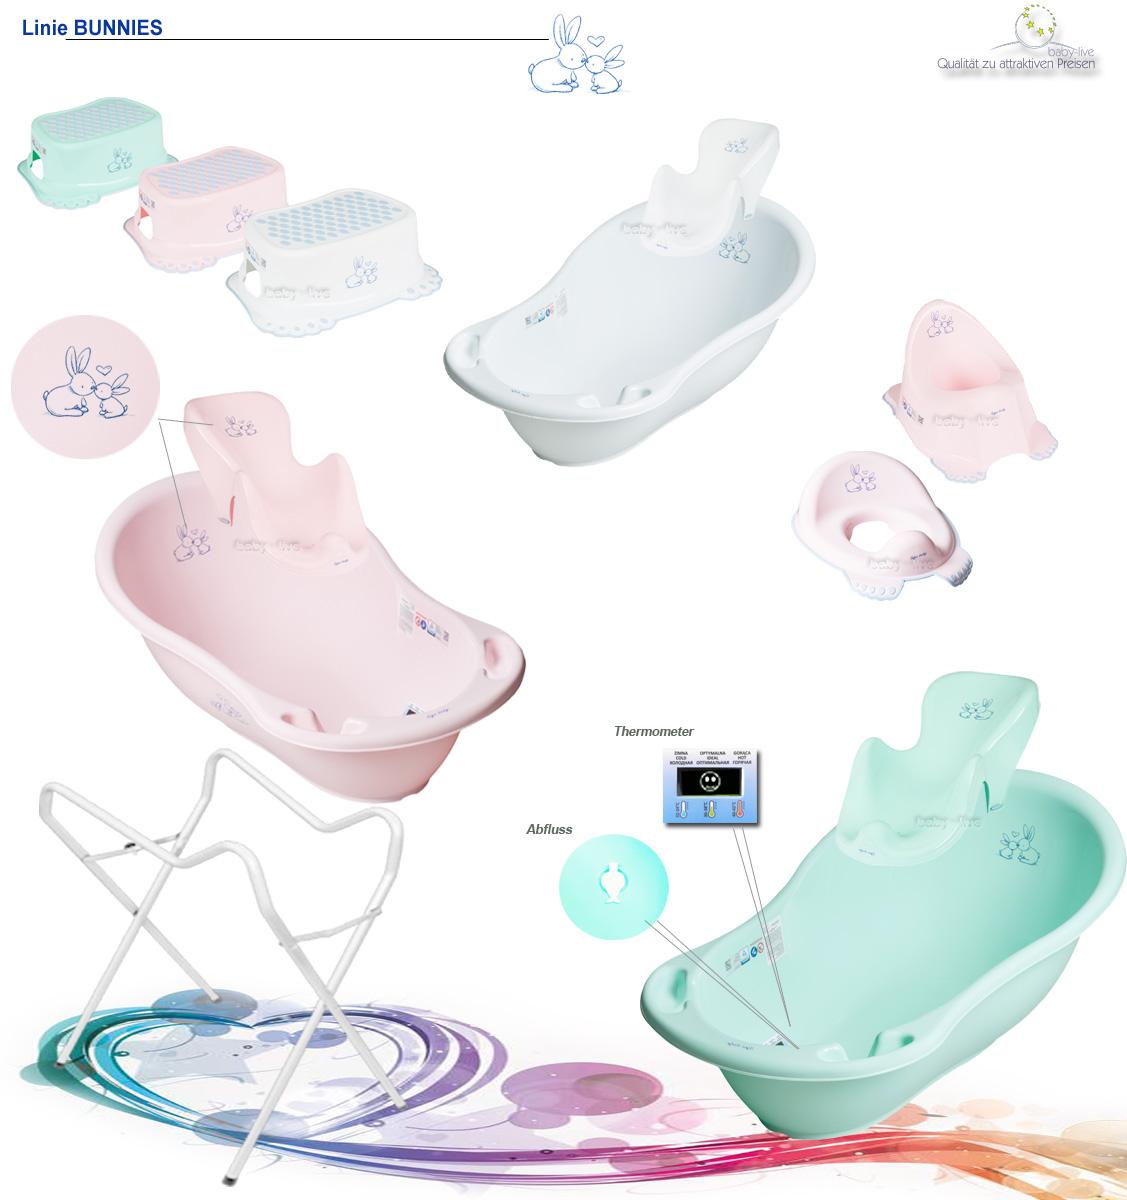 Baby Badewanne mit Ablauf und Thermometer Tiere Bunnies Thema